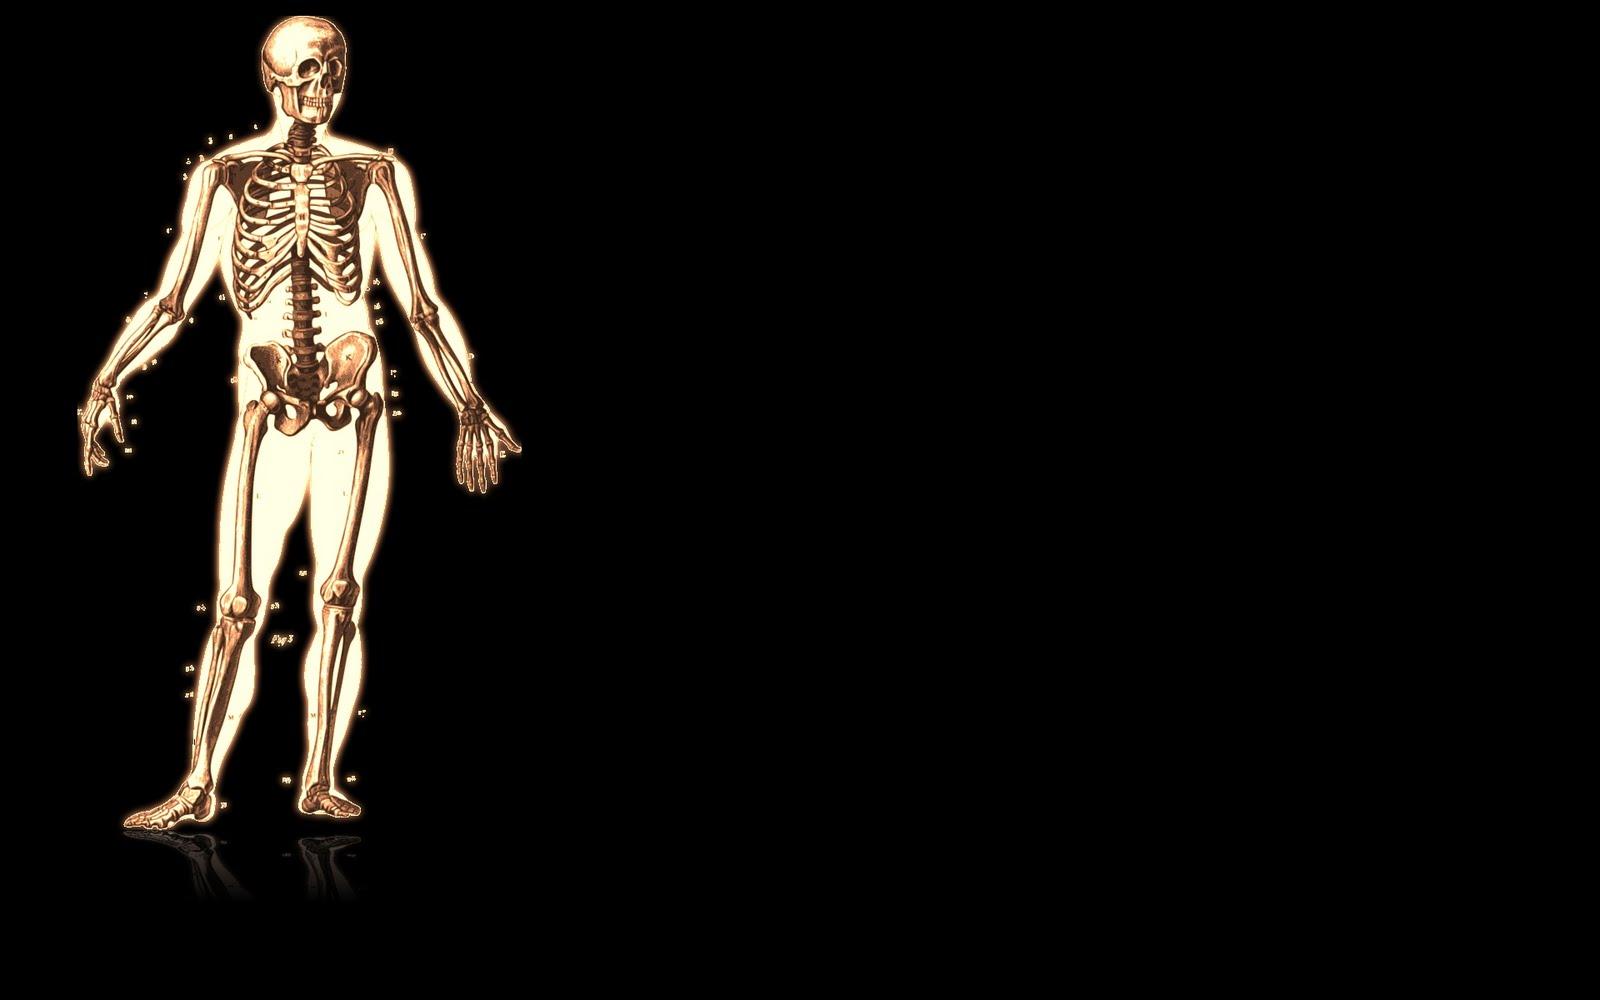 http://1.bp.blogspot.com/_J9PlRvGGXS8/SwX1Gc9gJ6I/AAAAAAAACMU/HBZCtv51bAw/s1600/skeleton-wallpaper-3.jpg